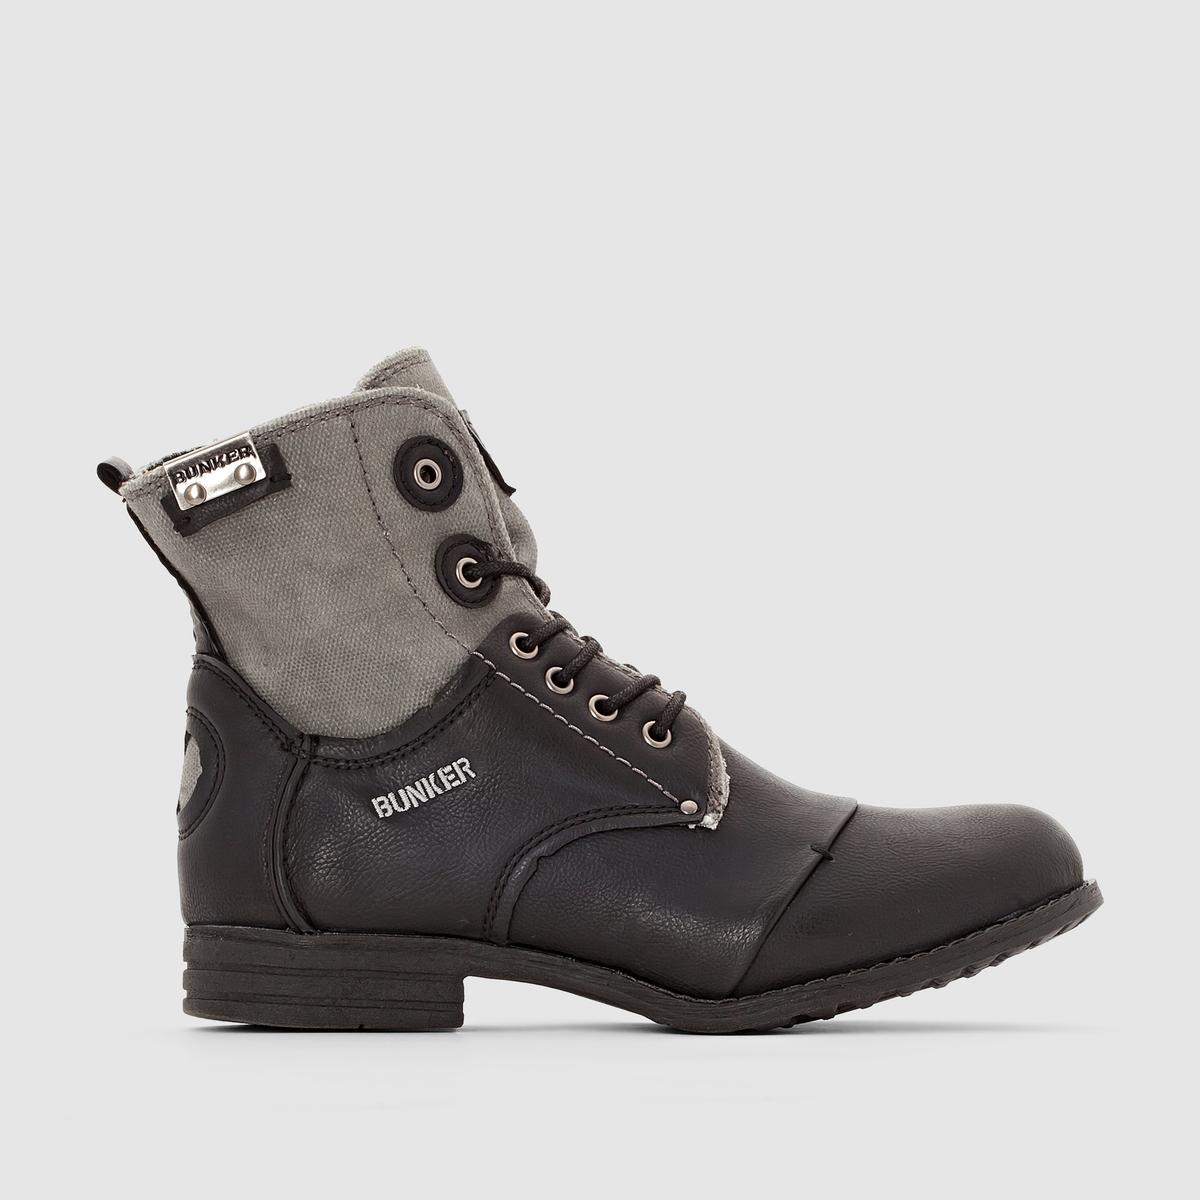 Сапоги SARA от BUNKERСапоги на шнуровке SARA от BUNKER. Верх: синтетика.Подкладка: текстиль.Стелька: кожа.Подошва: эластомер.Застежка: на шнуровке.Высота каблука: 2,5 см.Высота верха: 15 см. Сапоги Bunker с превосходным сочетанием материалов и стильными деталями: добавим оригинальности в наш стиль!<br><br>Цвет: черный<br>Размер: 40